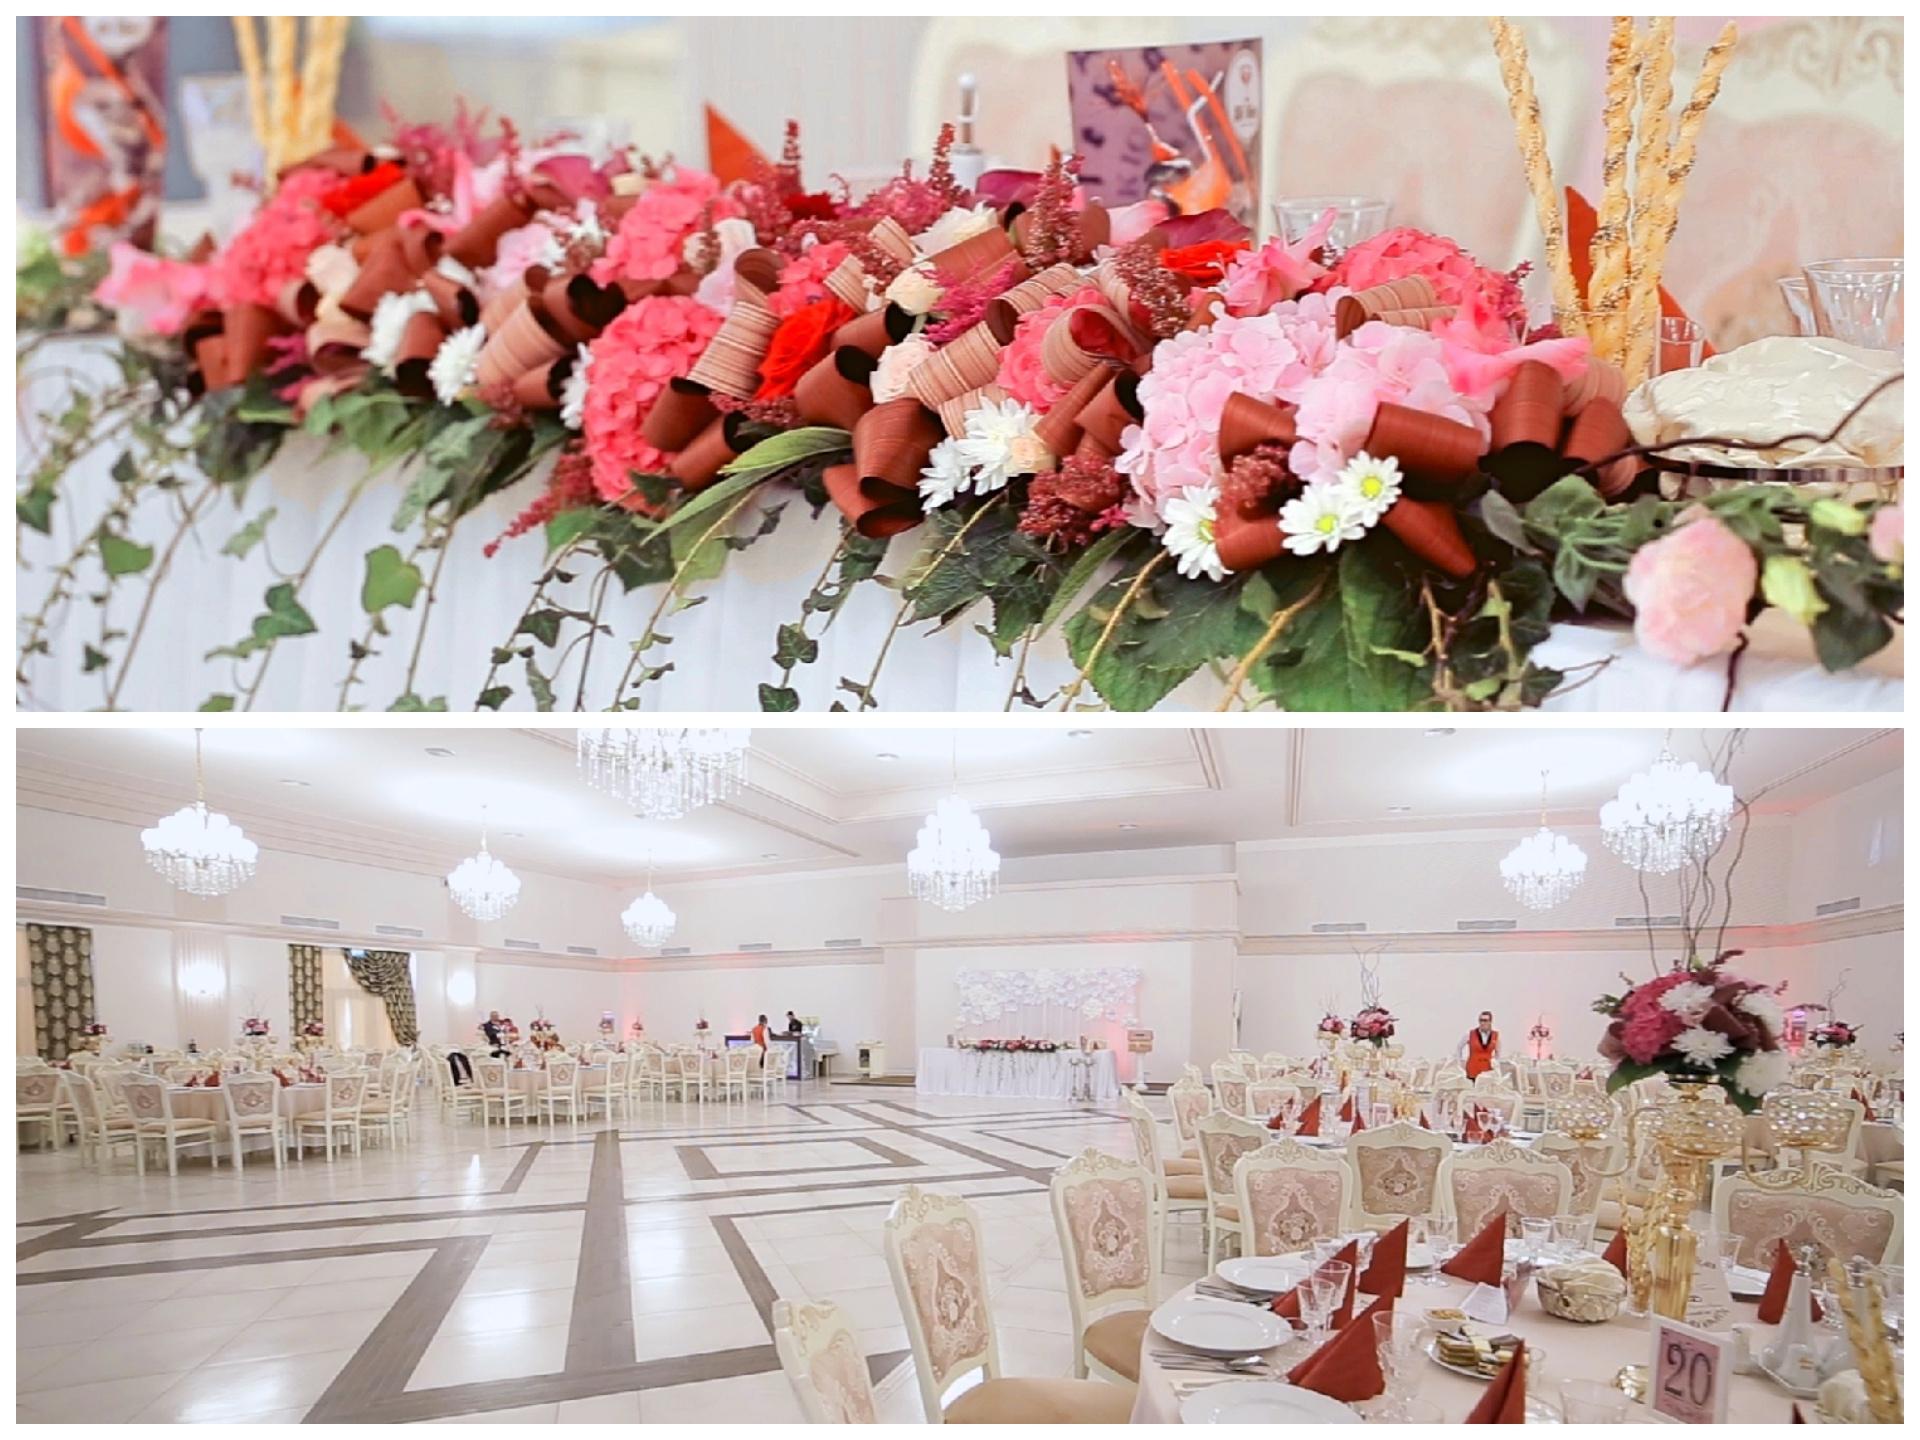 Wedding venue in Satu Mare, Simfonia ballroom, Esedra restaurant